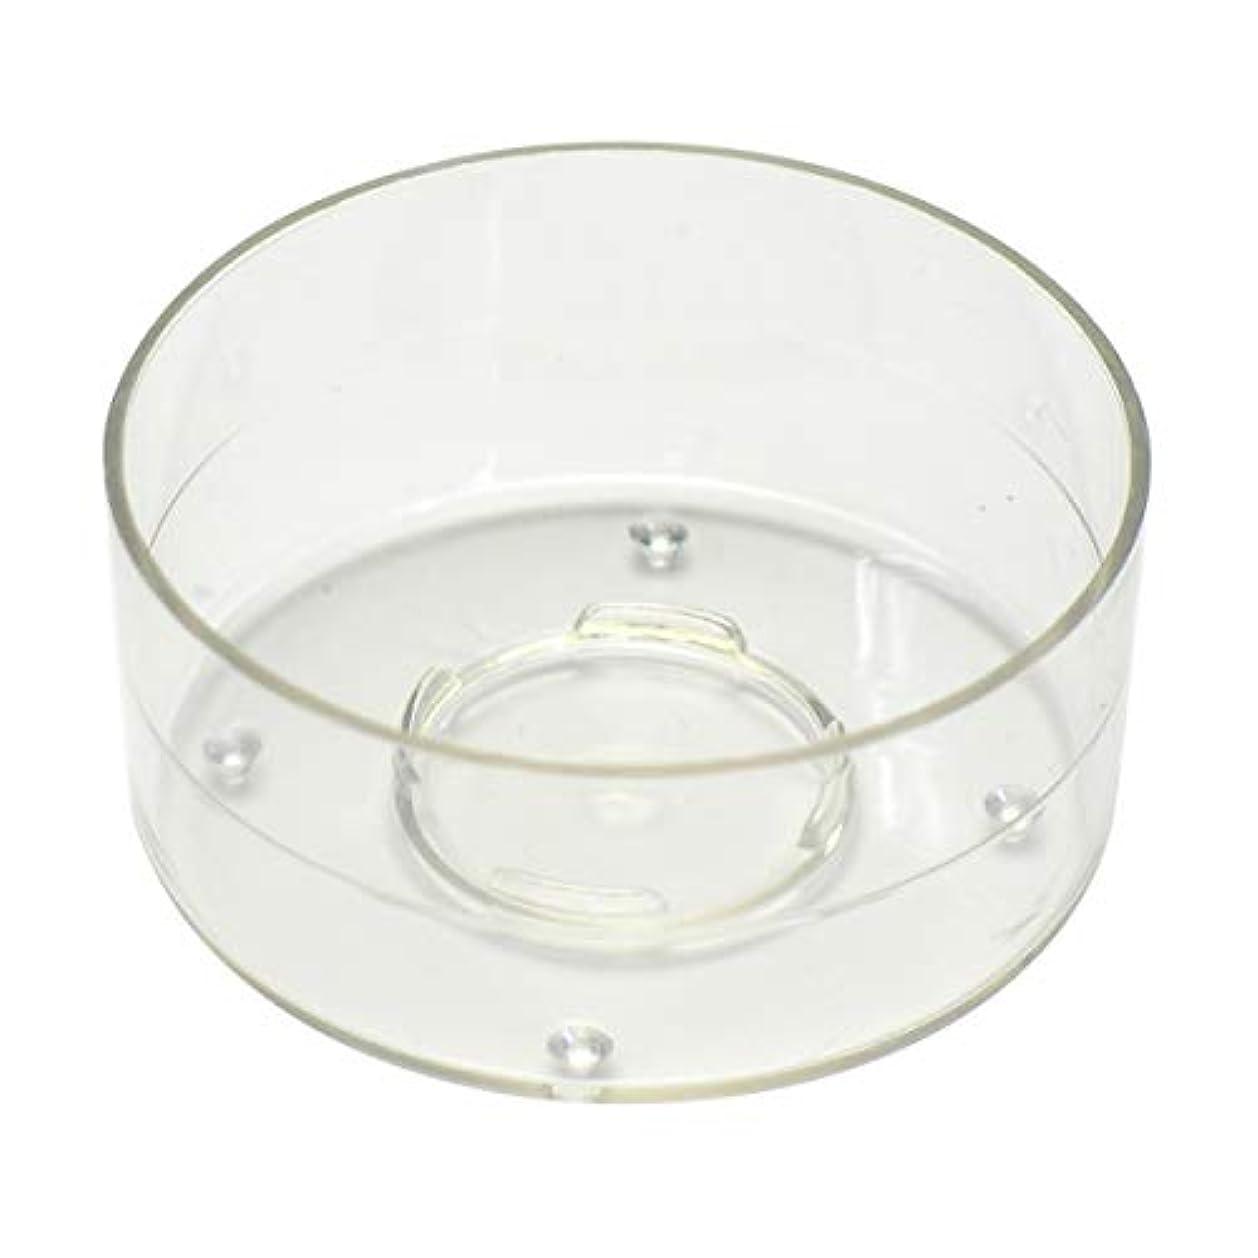 エラーブランチ食事ティーライトキャンドル用 クリアカップ 直径39mm×高さ18mm 20個入り×20袋 400個 材料 手作り